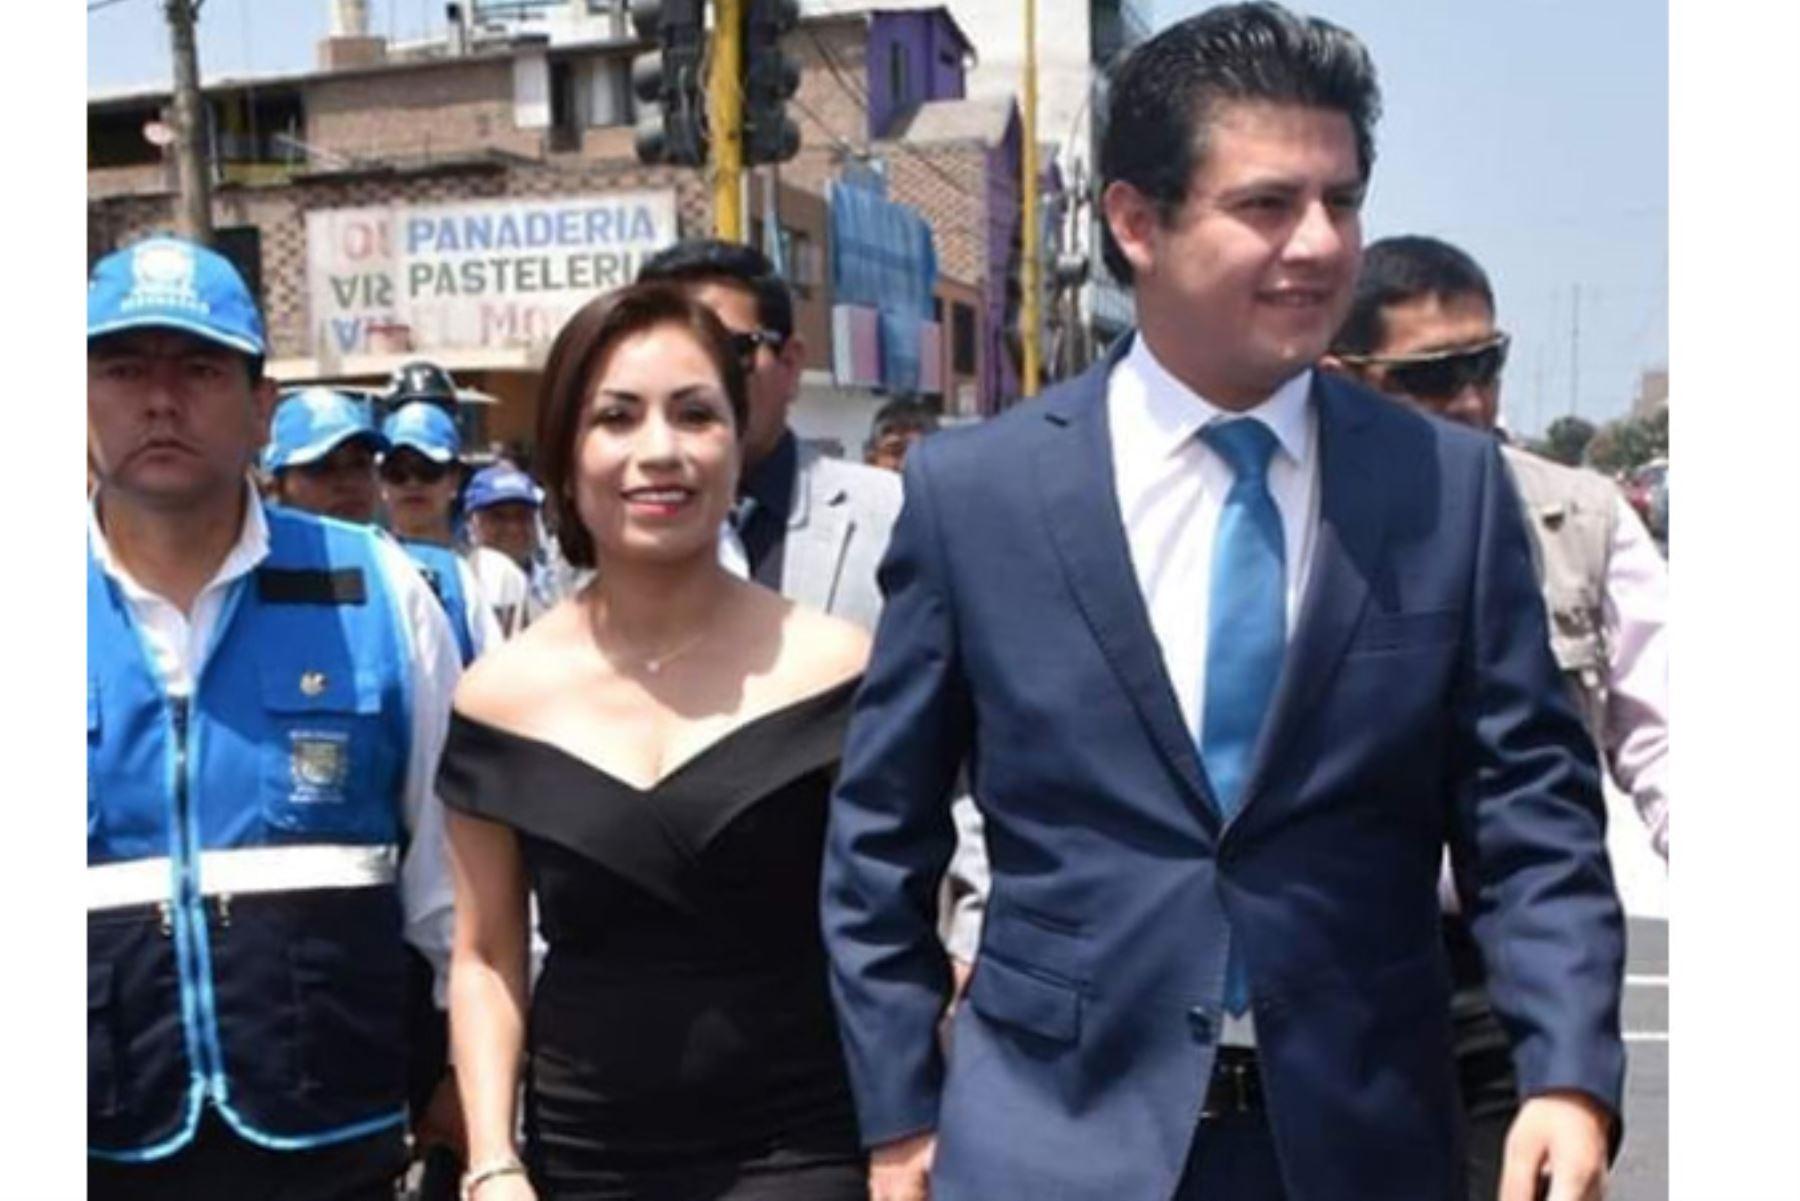 La congresista de Acción Popular, Leslye Lazo, informó hoy que dio positivo para el coronavirus junto a su esposo Julio Chávez, alcalde del distrito de San Martín de Porres, convirtiéndose en el primer caso de un parlamentario con covid-19. Foto: Facebook